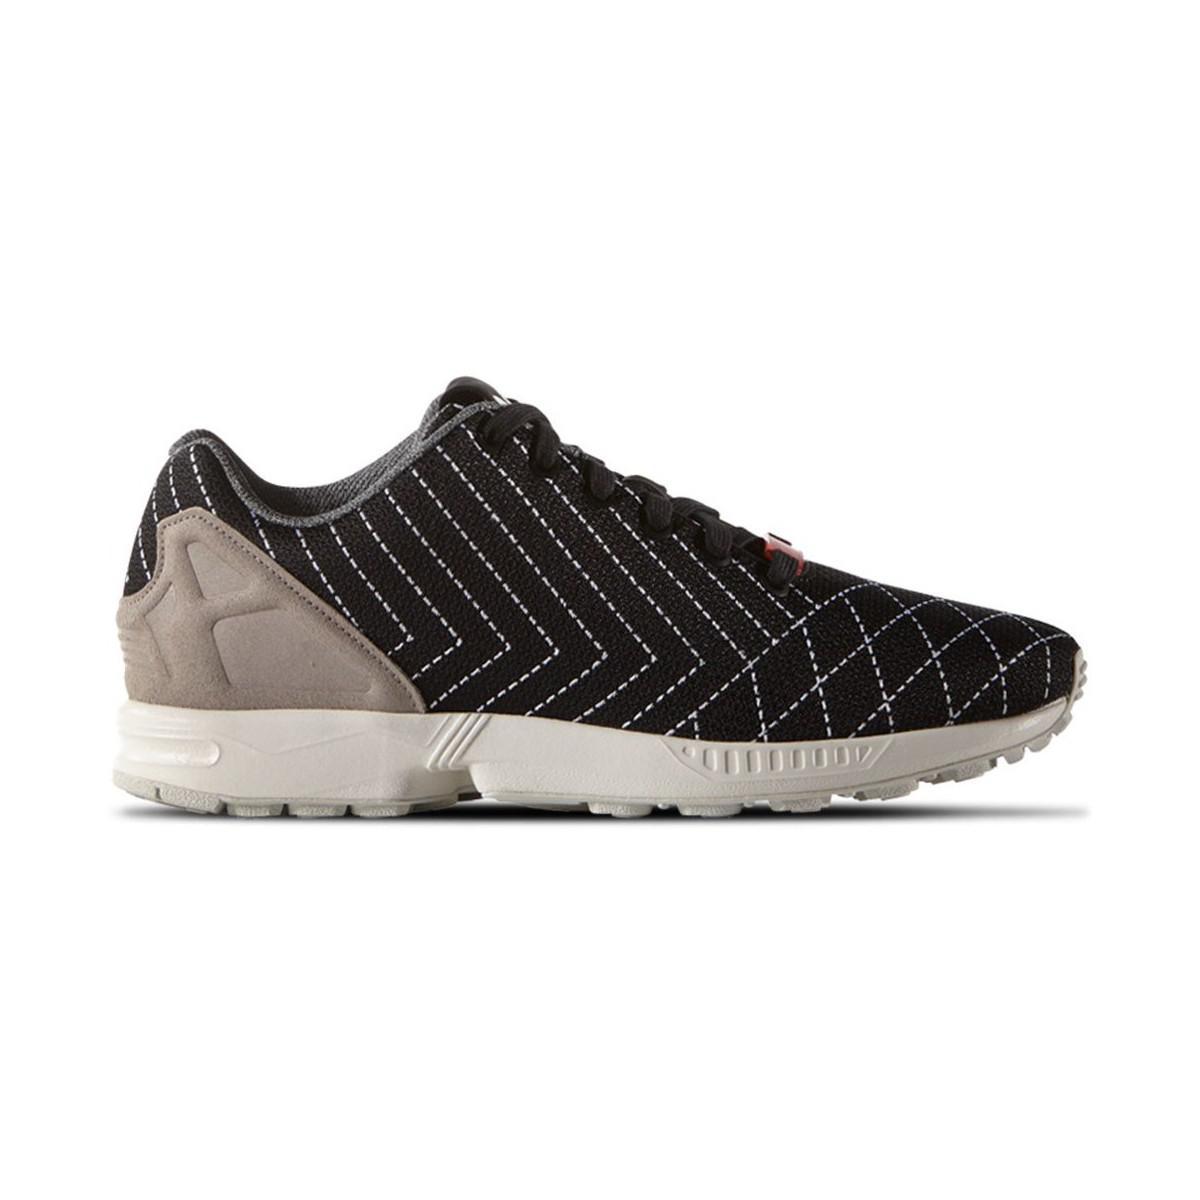 Adidas zx flujo sashiko hombre 's zapatos (instructores) en negro en negro para